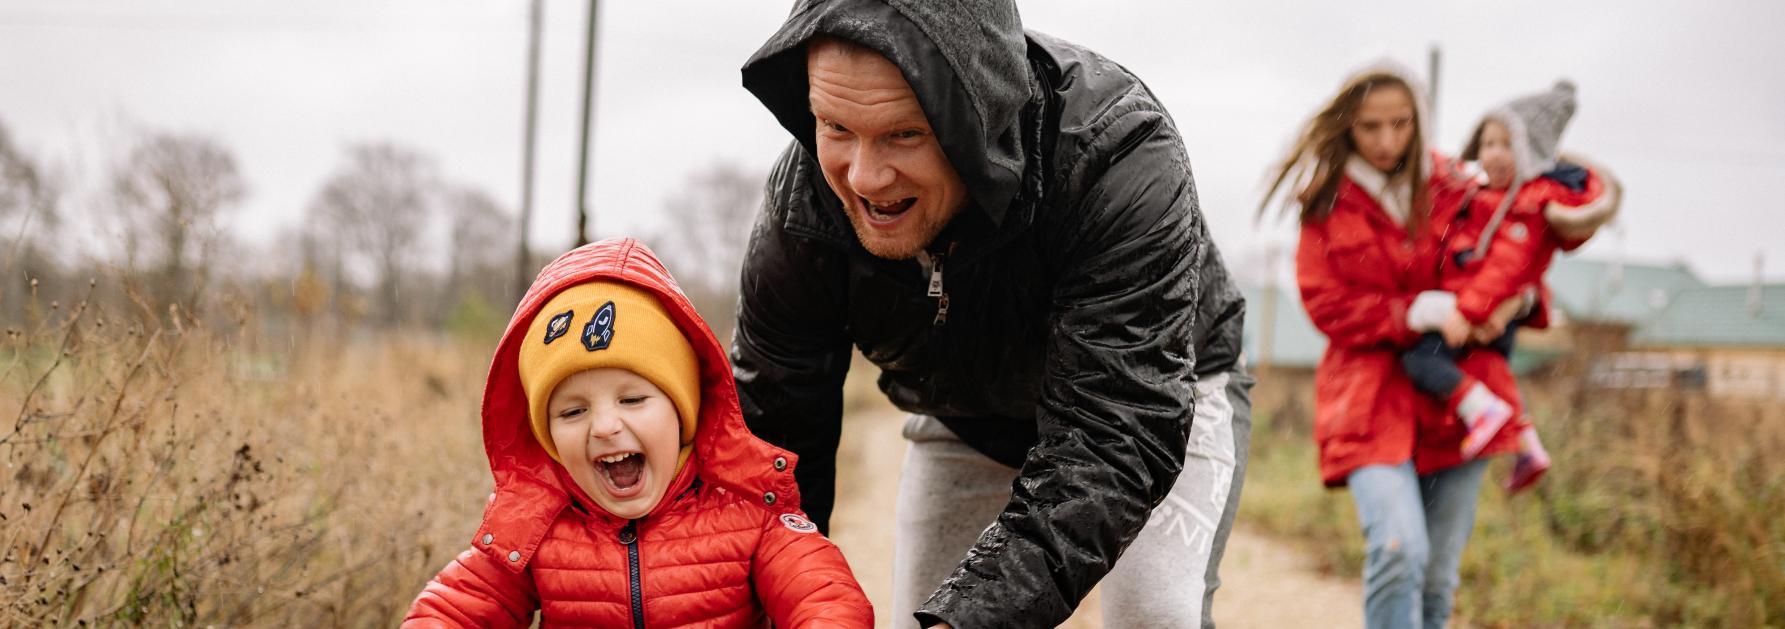 Peuter op fietsje met ouders en regenlaarzen